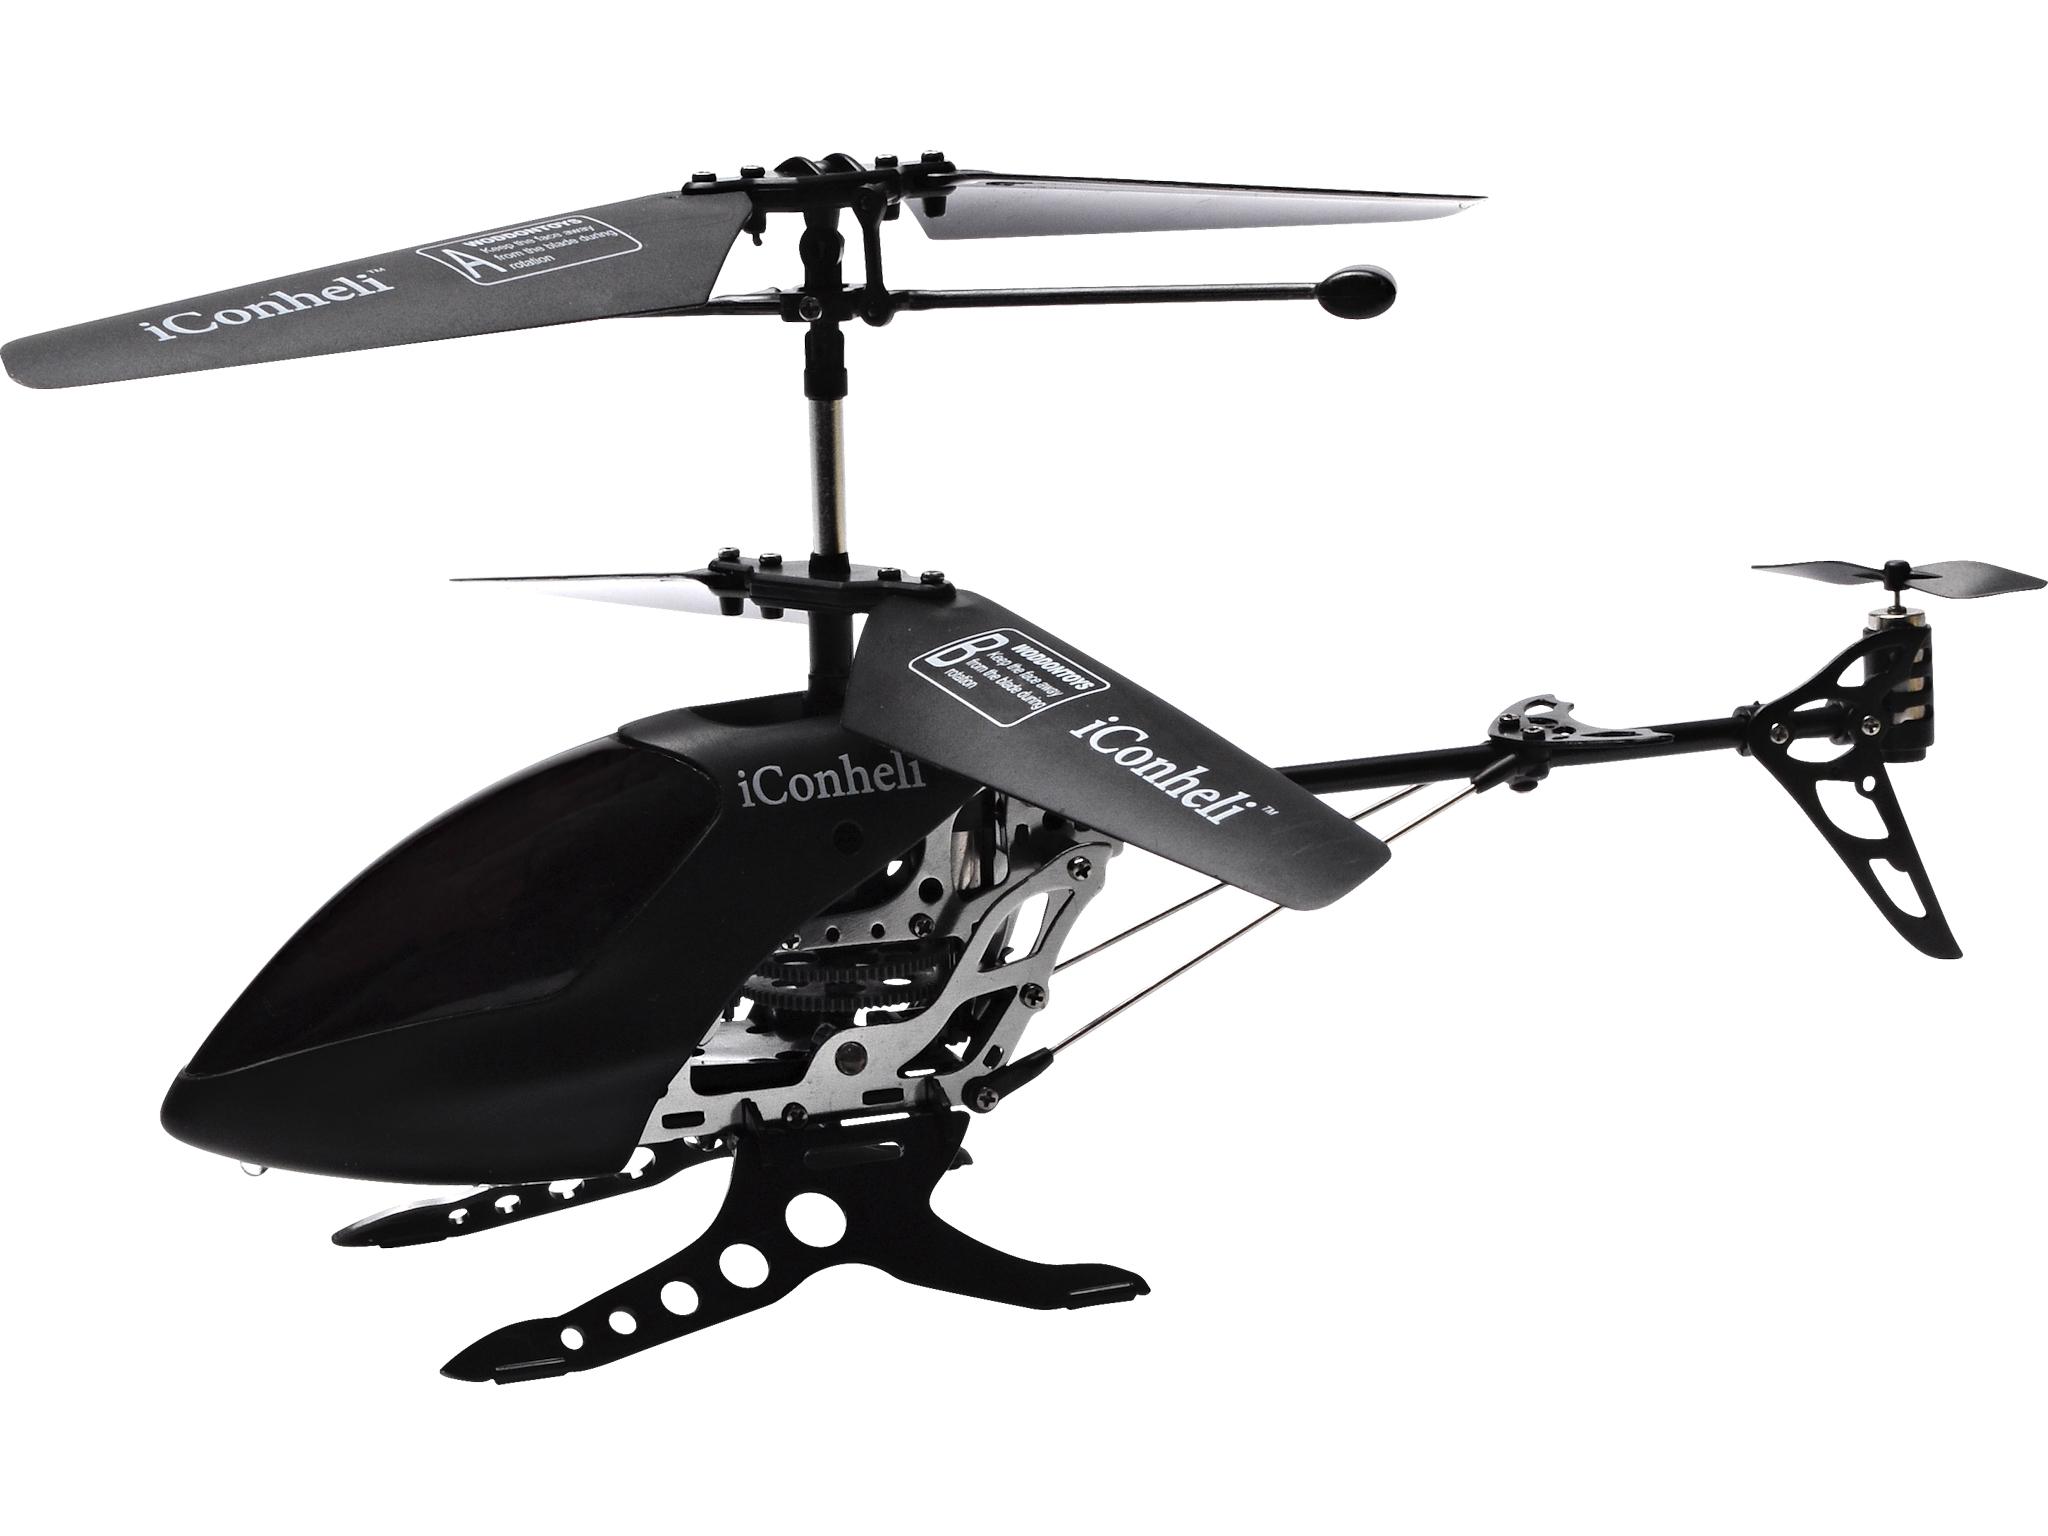 Sandberg iConheli Bluetooth Helicopter